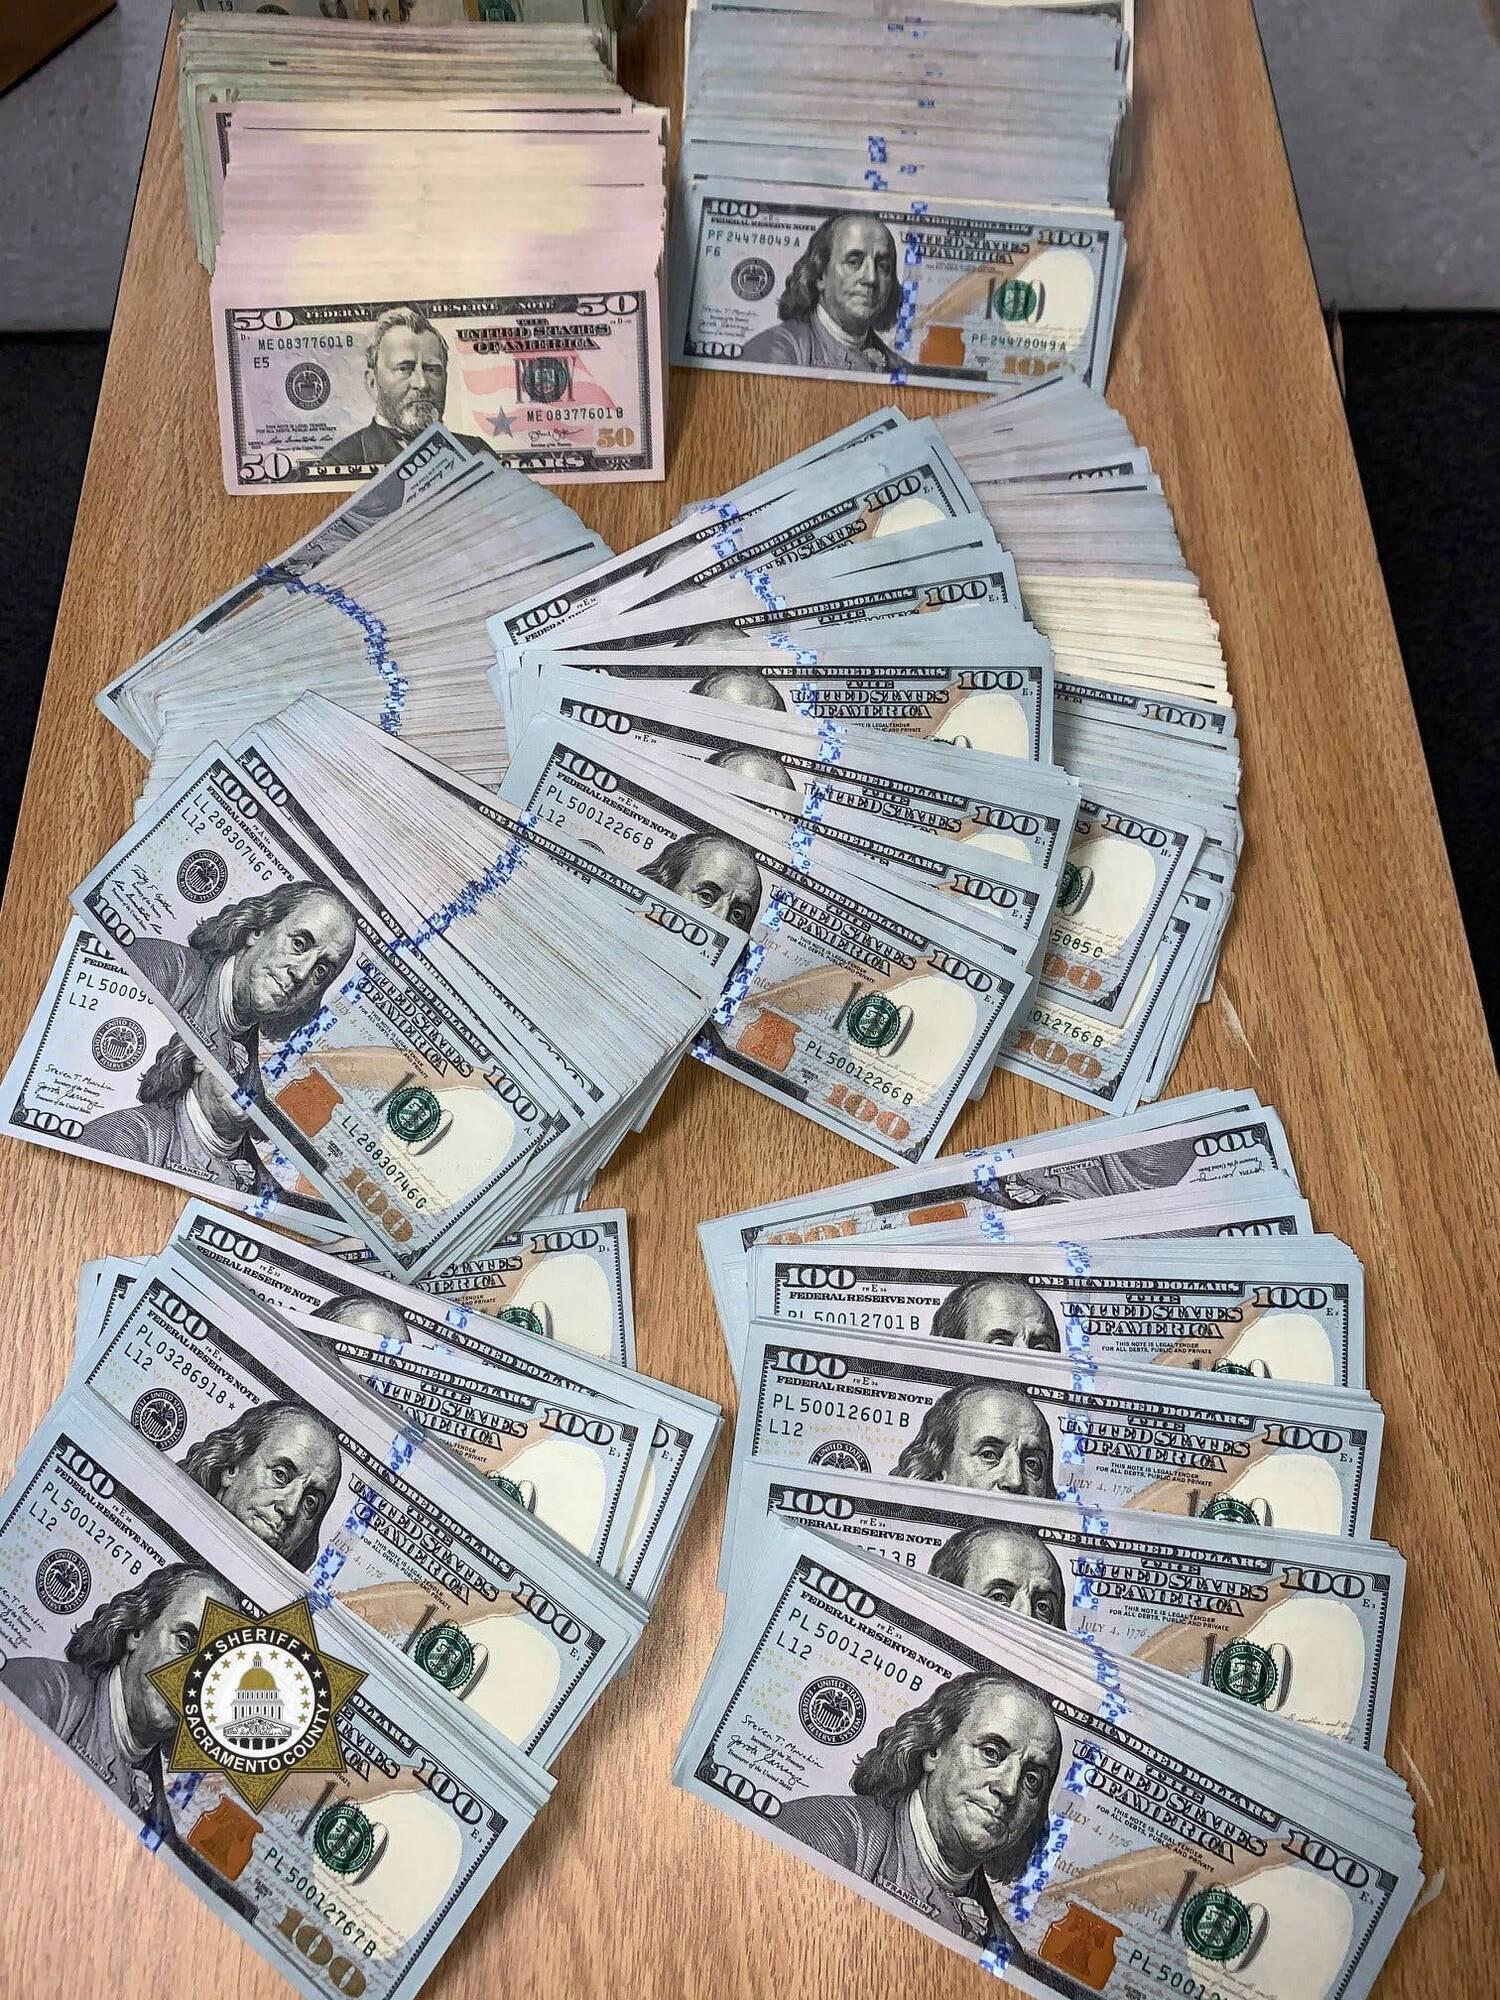 $300 000, которые нашла полиция при обыске.